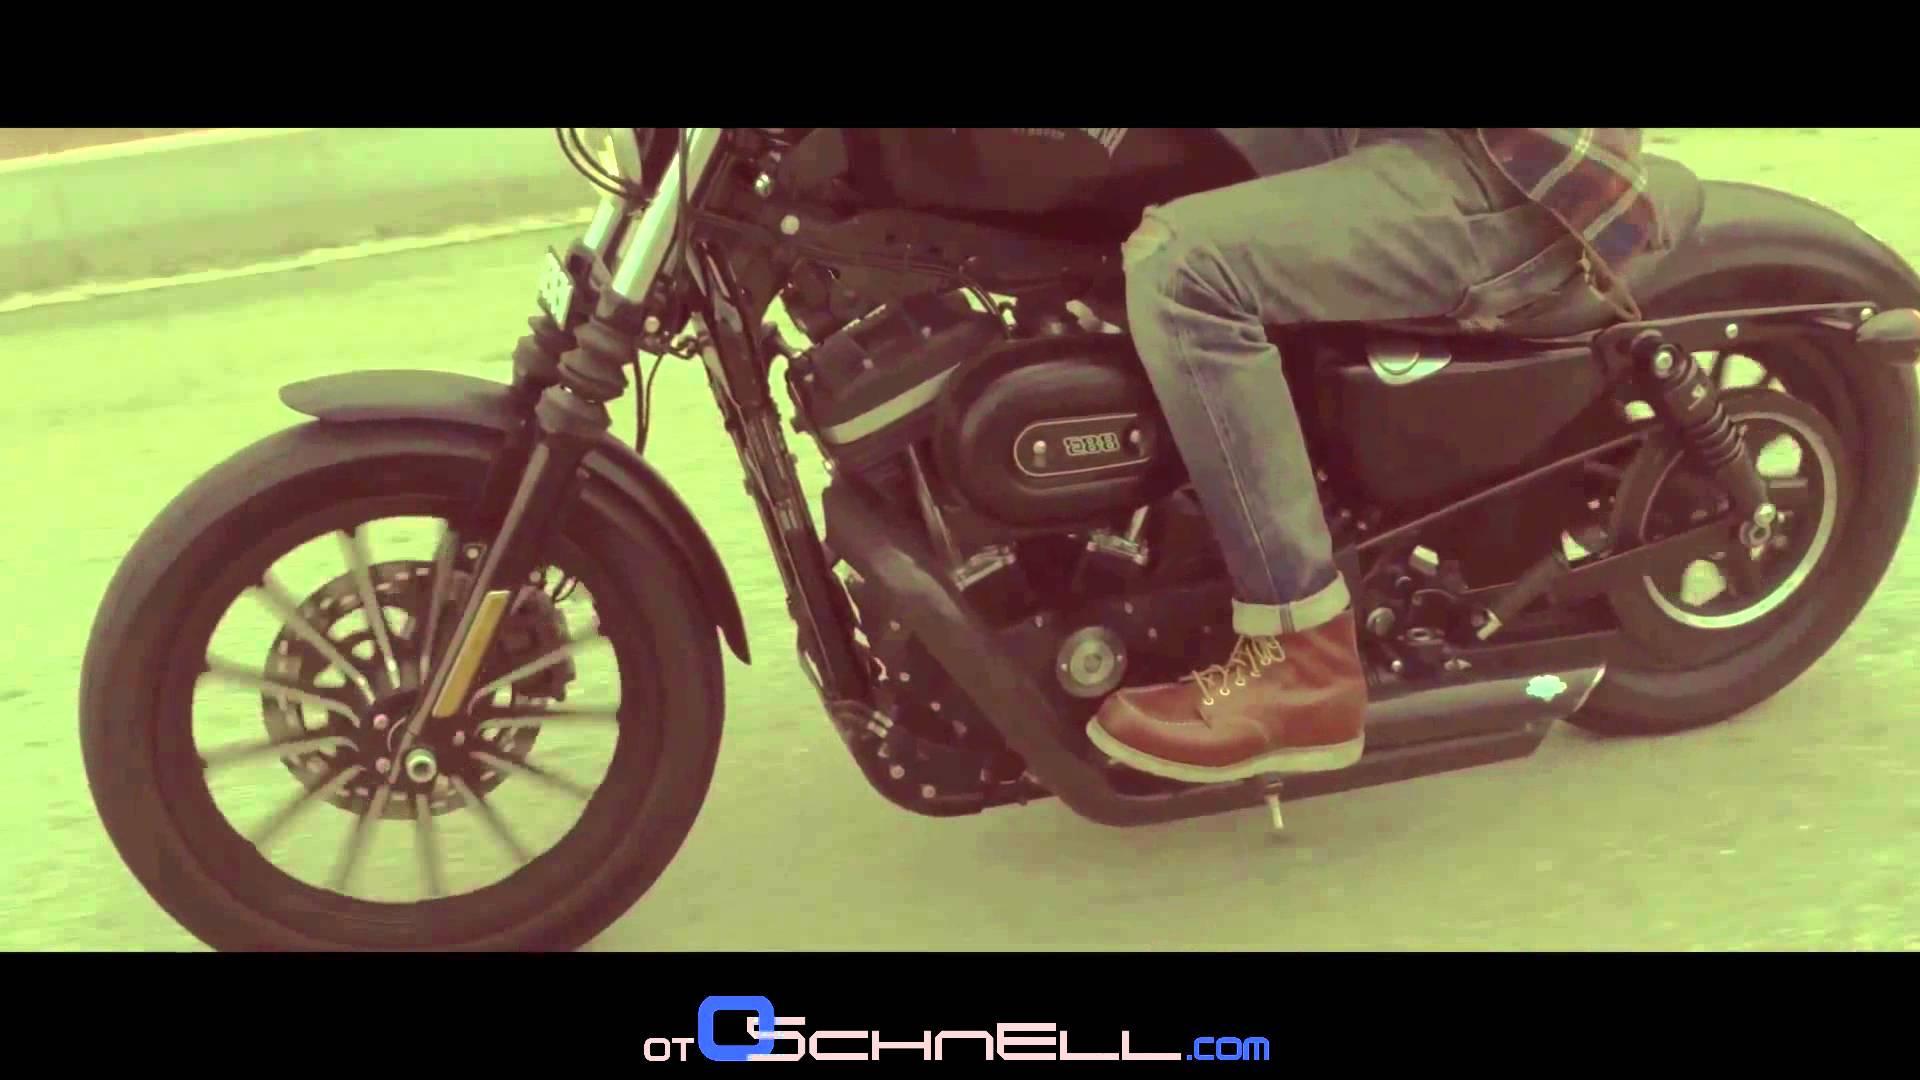 Harley Davidson Sportster Iron 883 [ Otoschnell 2016 - Episode 1]